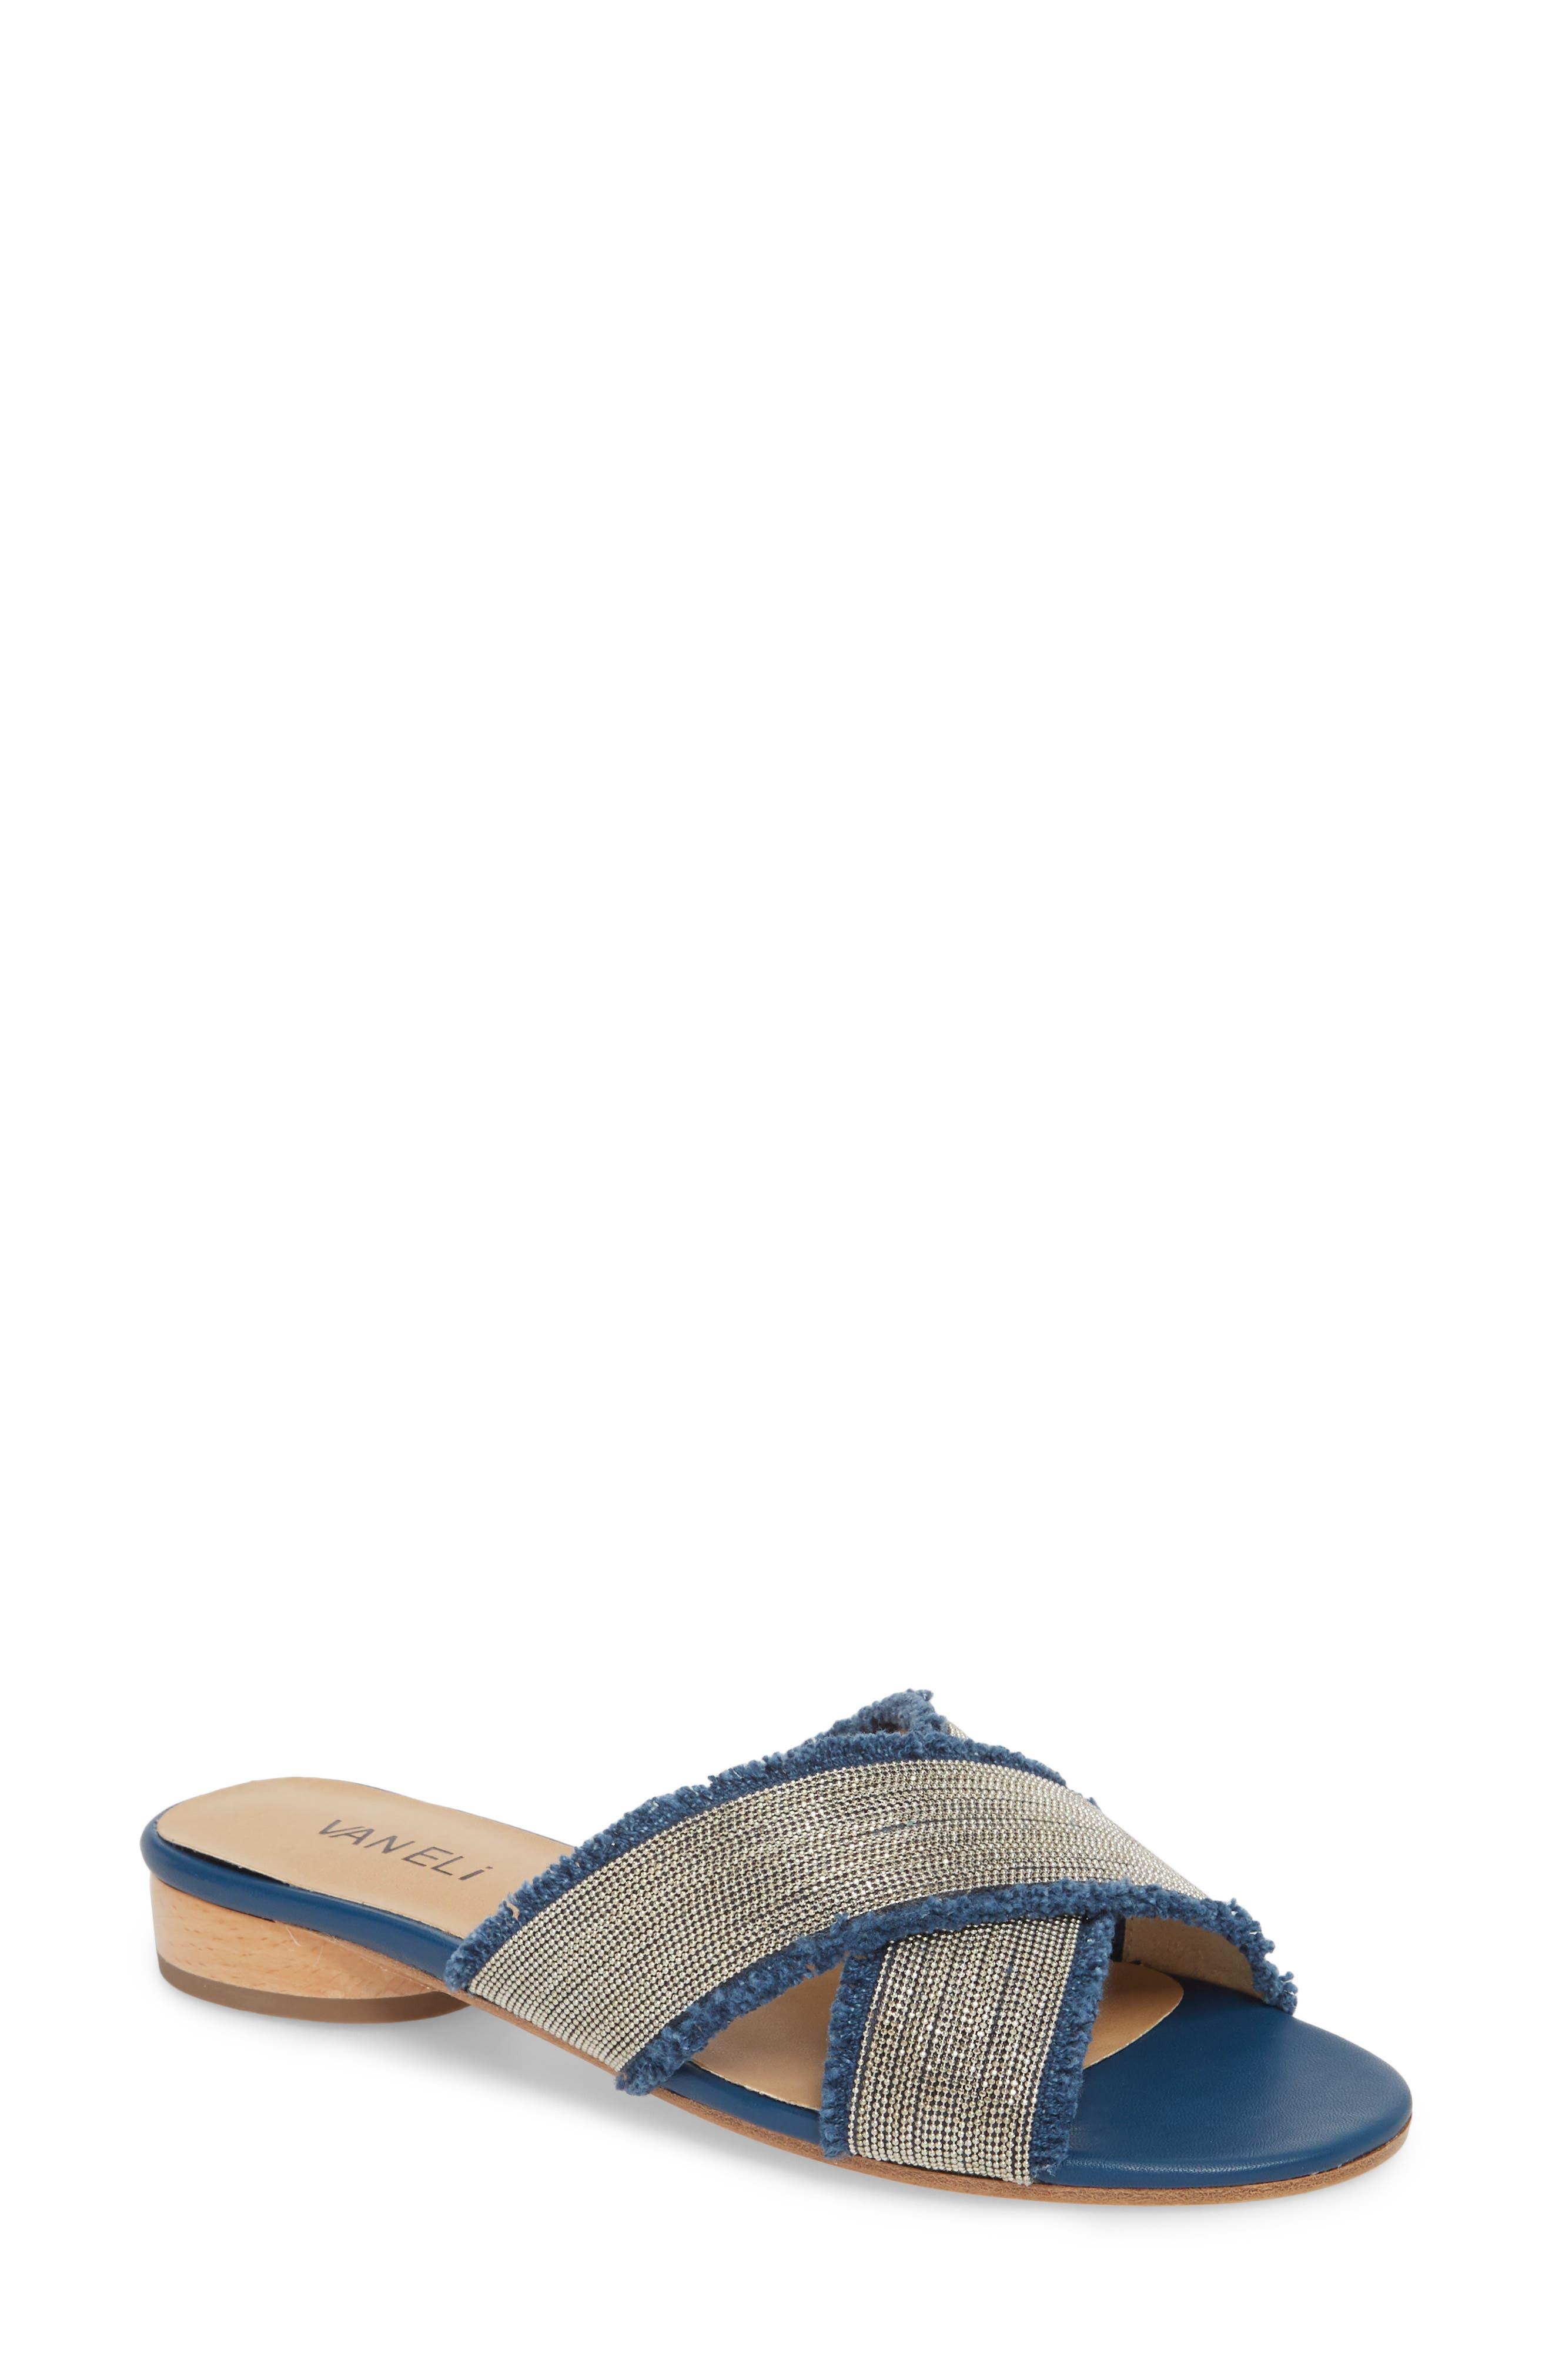 Baret Embellished Cross Strap Slide Sandal,                         Main,                         color, Denim Fabric